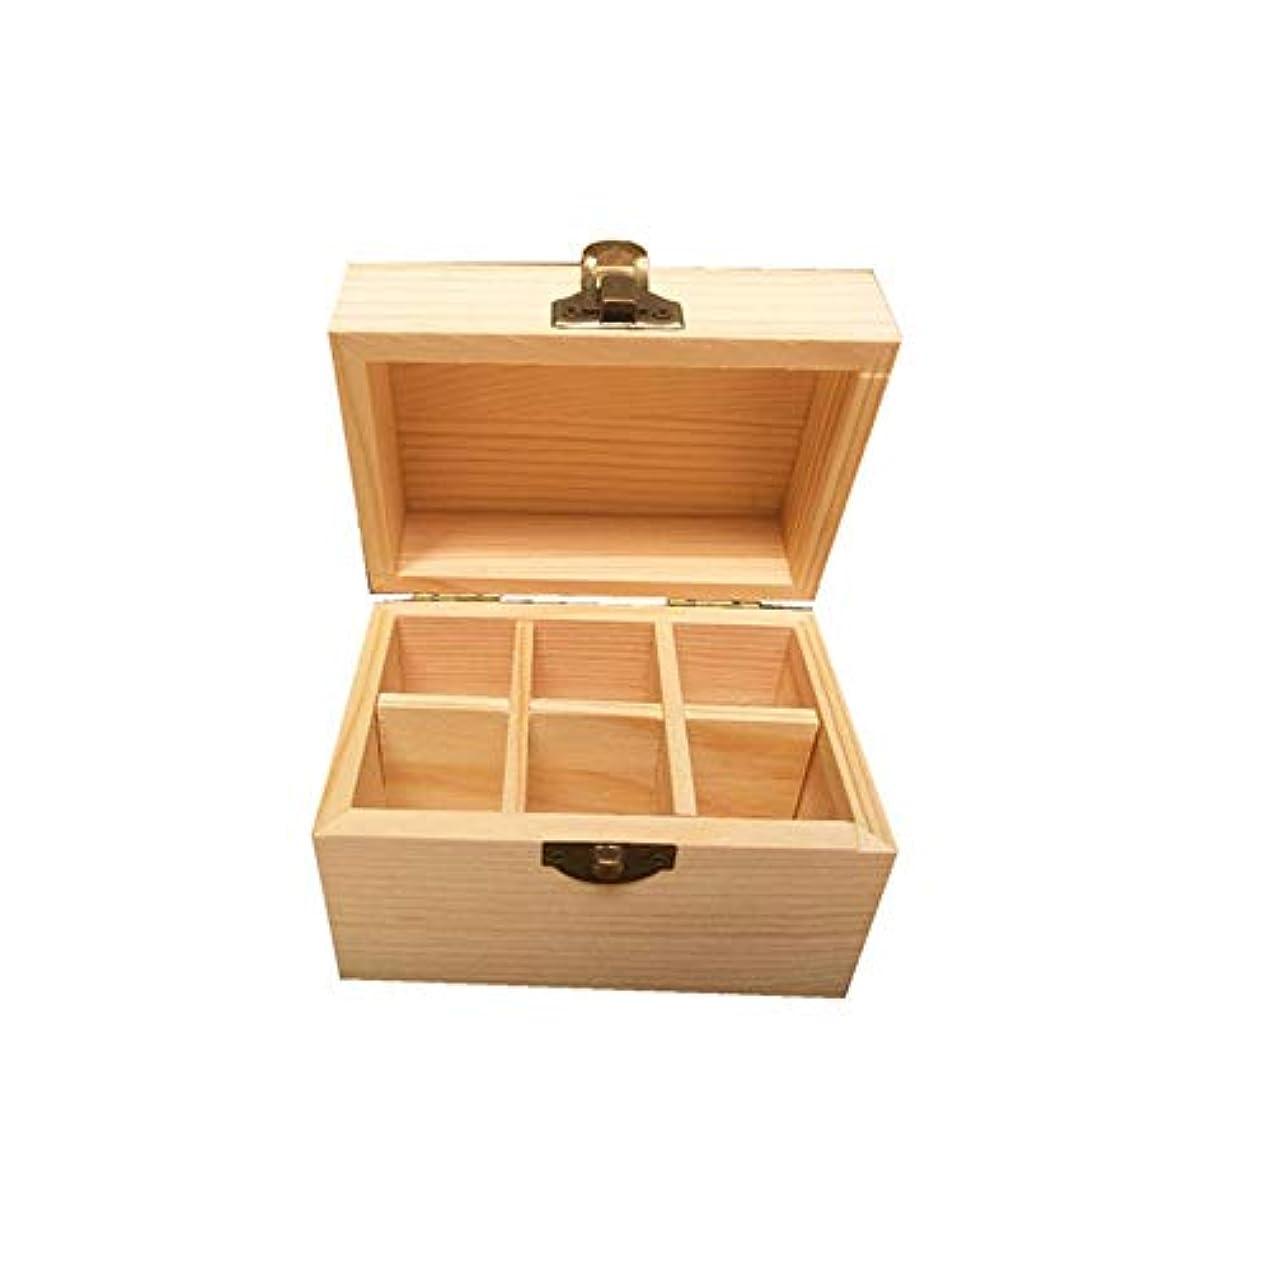 仕方成熟した寺院アロマセラピー収納ボックス ウッド精油収納ボックスの6種類は、油があなたの最高のエッセンシャルオイルを披露完璧なケースです エッセンシャルオイル収納ボックス (色 : Natural, サイズ : 12X8X8.5CM)